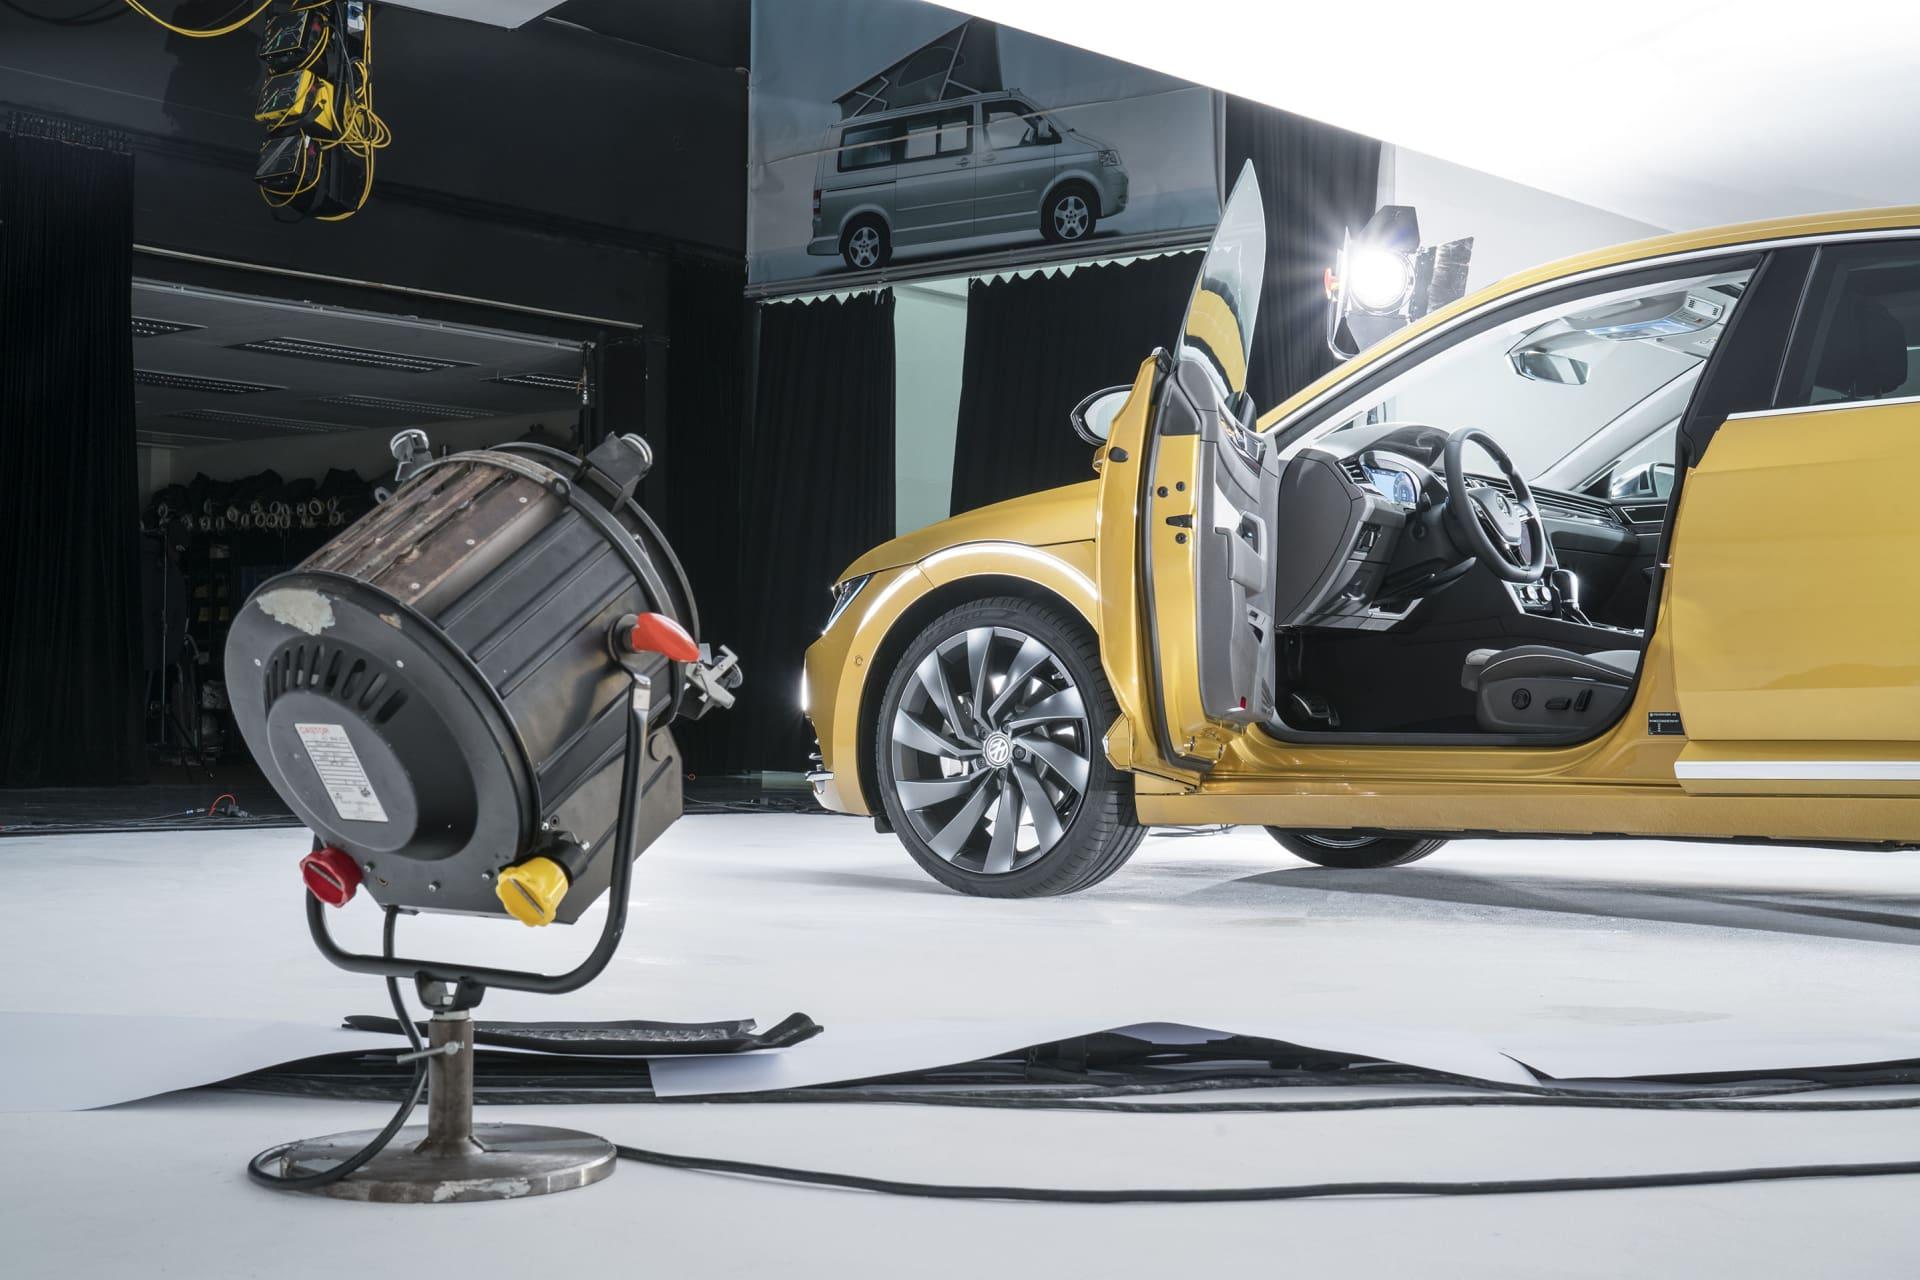 Arteon var först ut med den nya fronten som nu även kommer pryda nya Volkswagen Touareg. En kavalkad i kromade linjer från kant till kant.